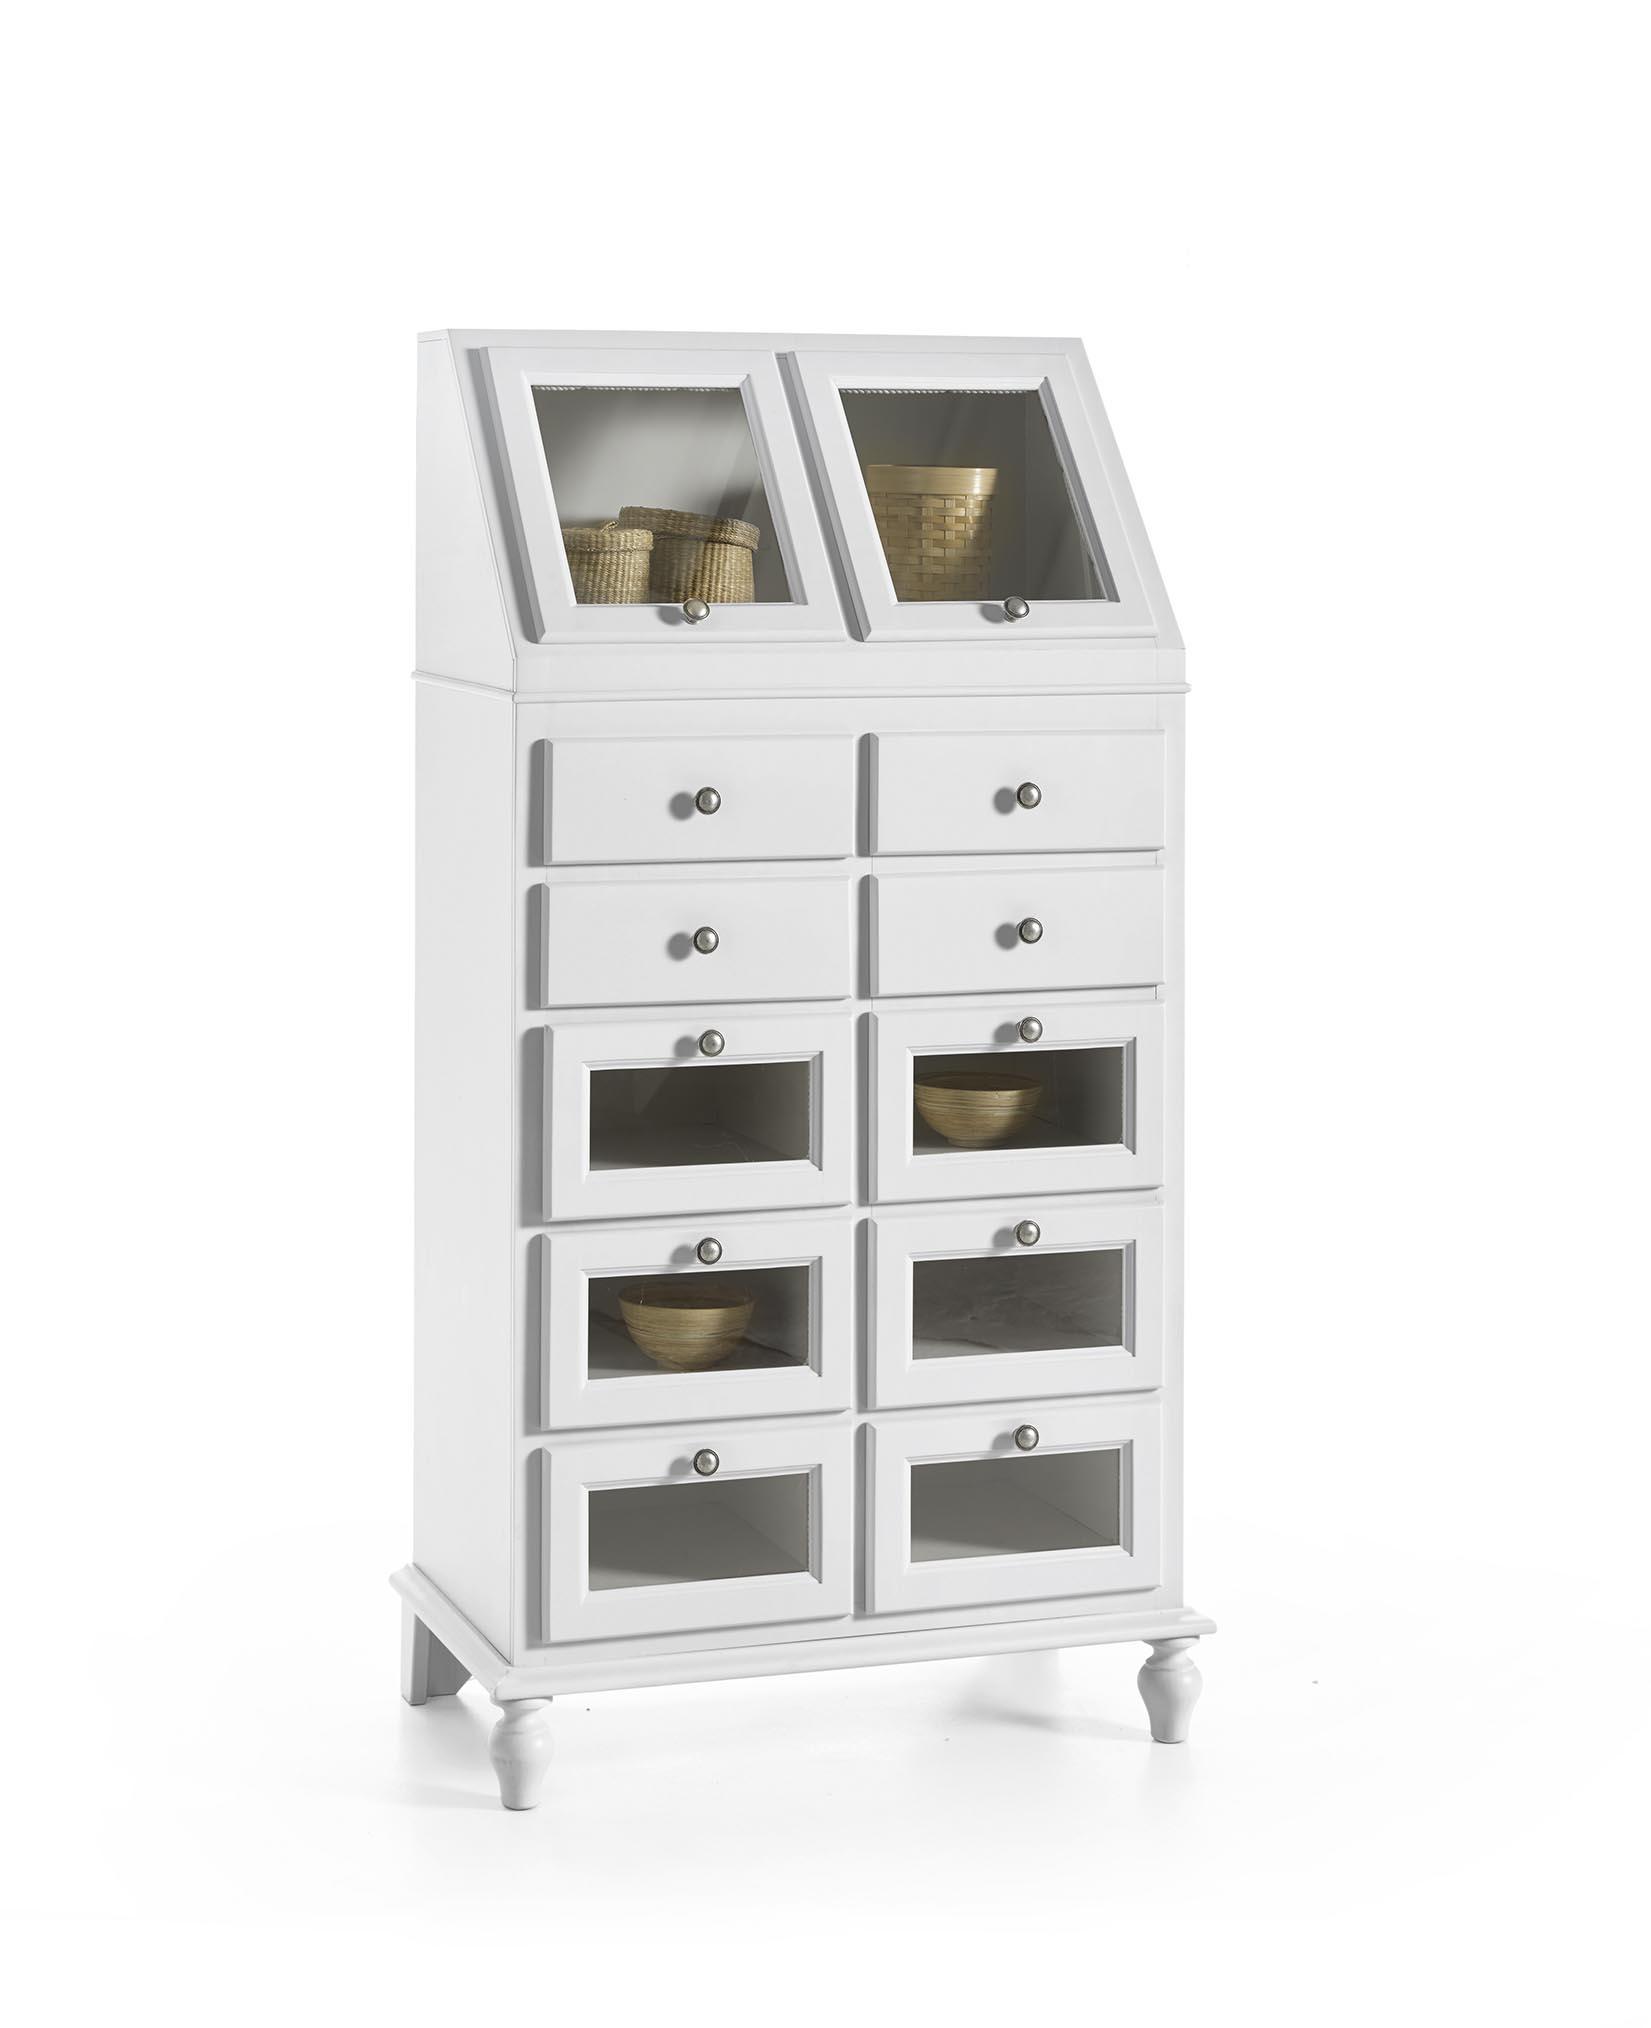 Dispensa con cassetti in legno mobile artigianale soggiorni a prezzi scontati - Mobile cassetti ...